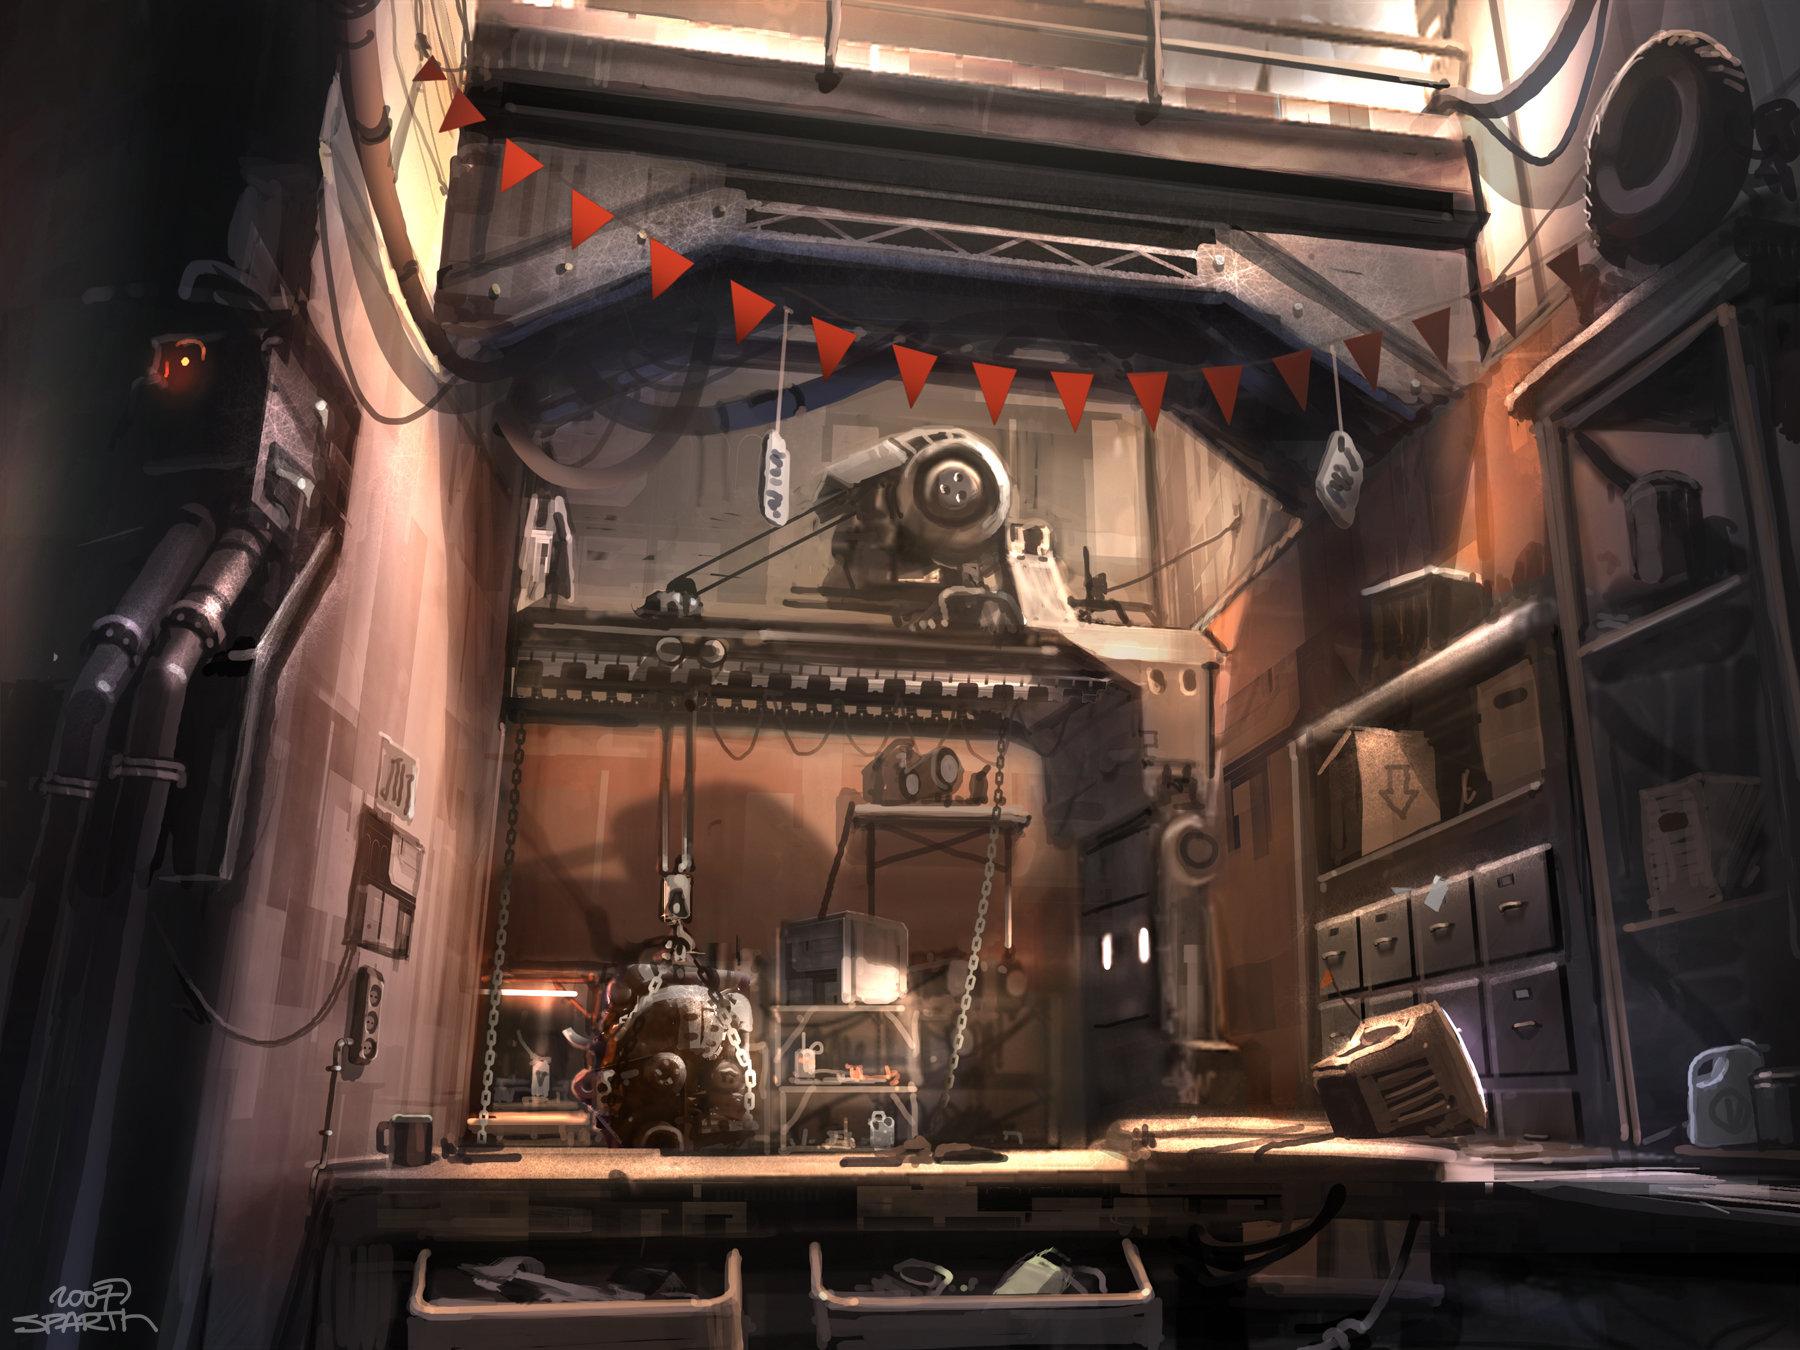 Sparth rage   mick's garage   concept 02   2007